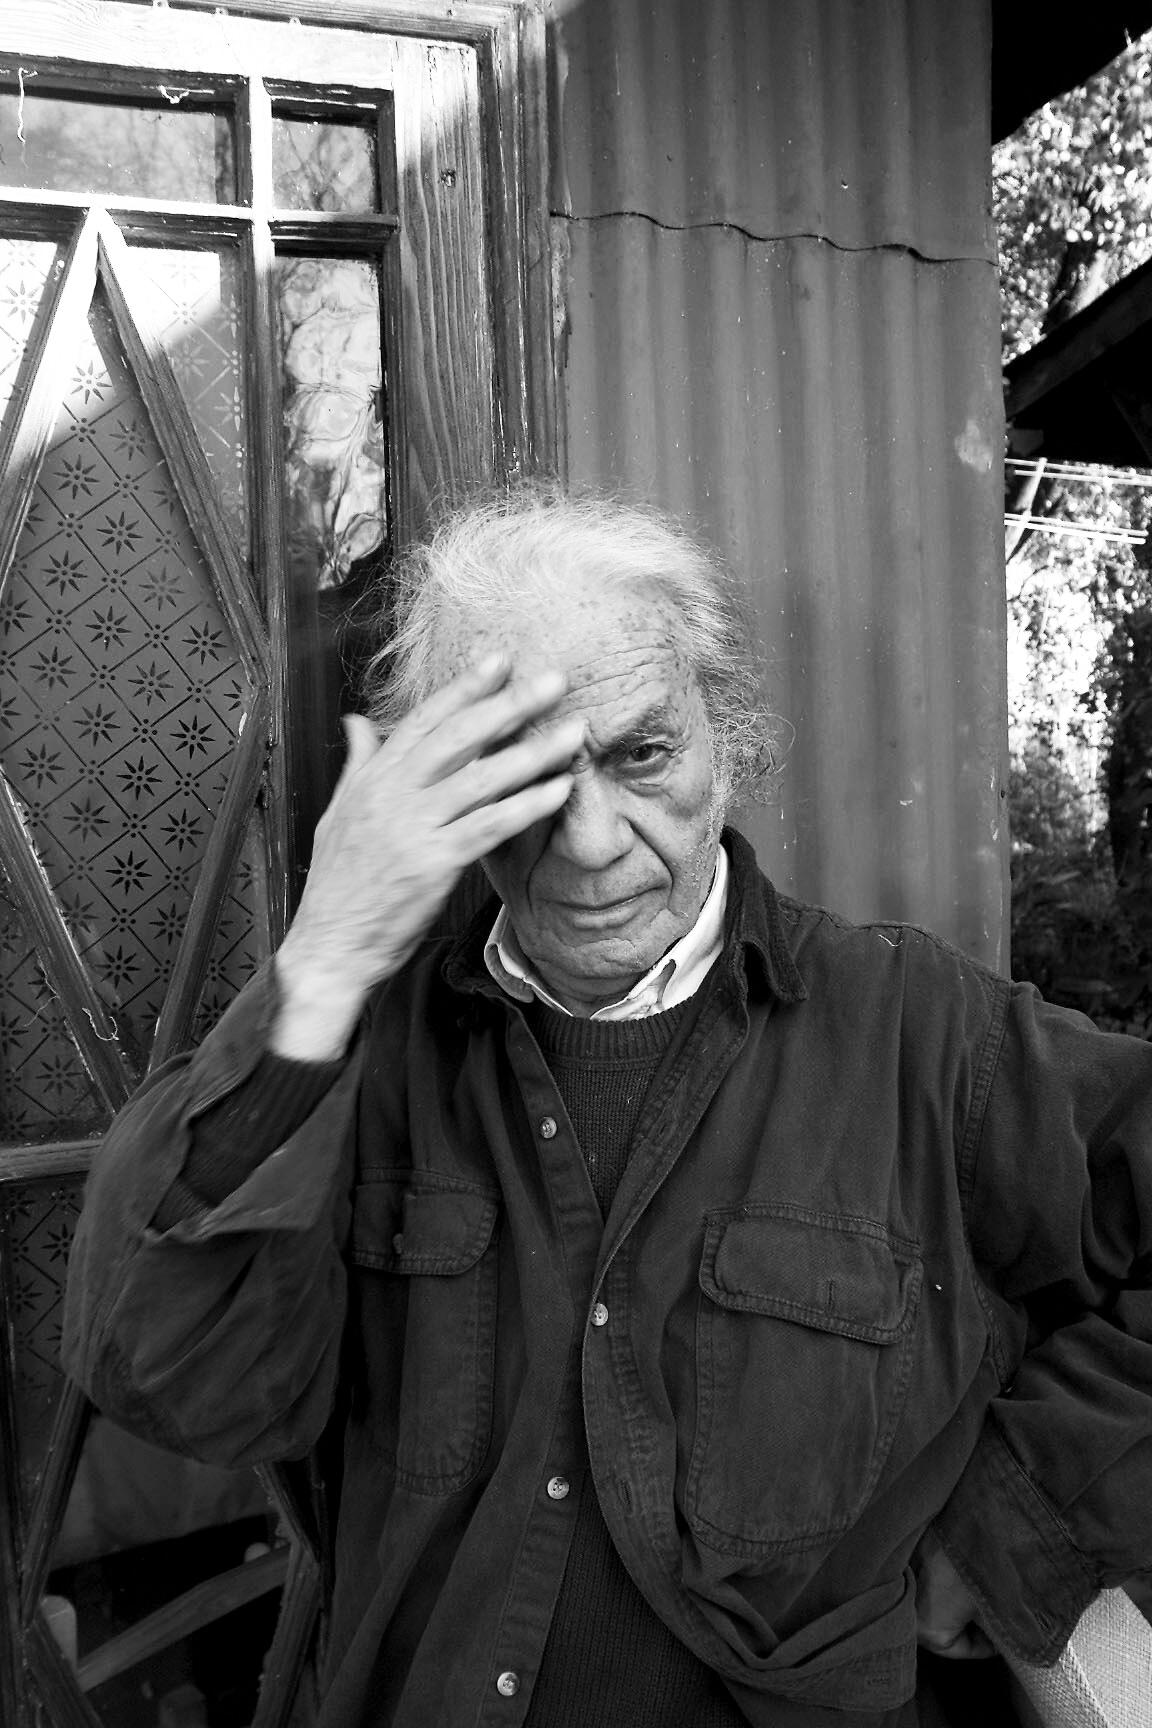 Falleció Nicanor Parra: 5 poemas del genio de la antipoesía latinoamericana